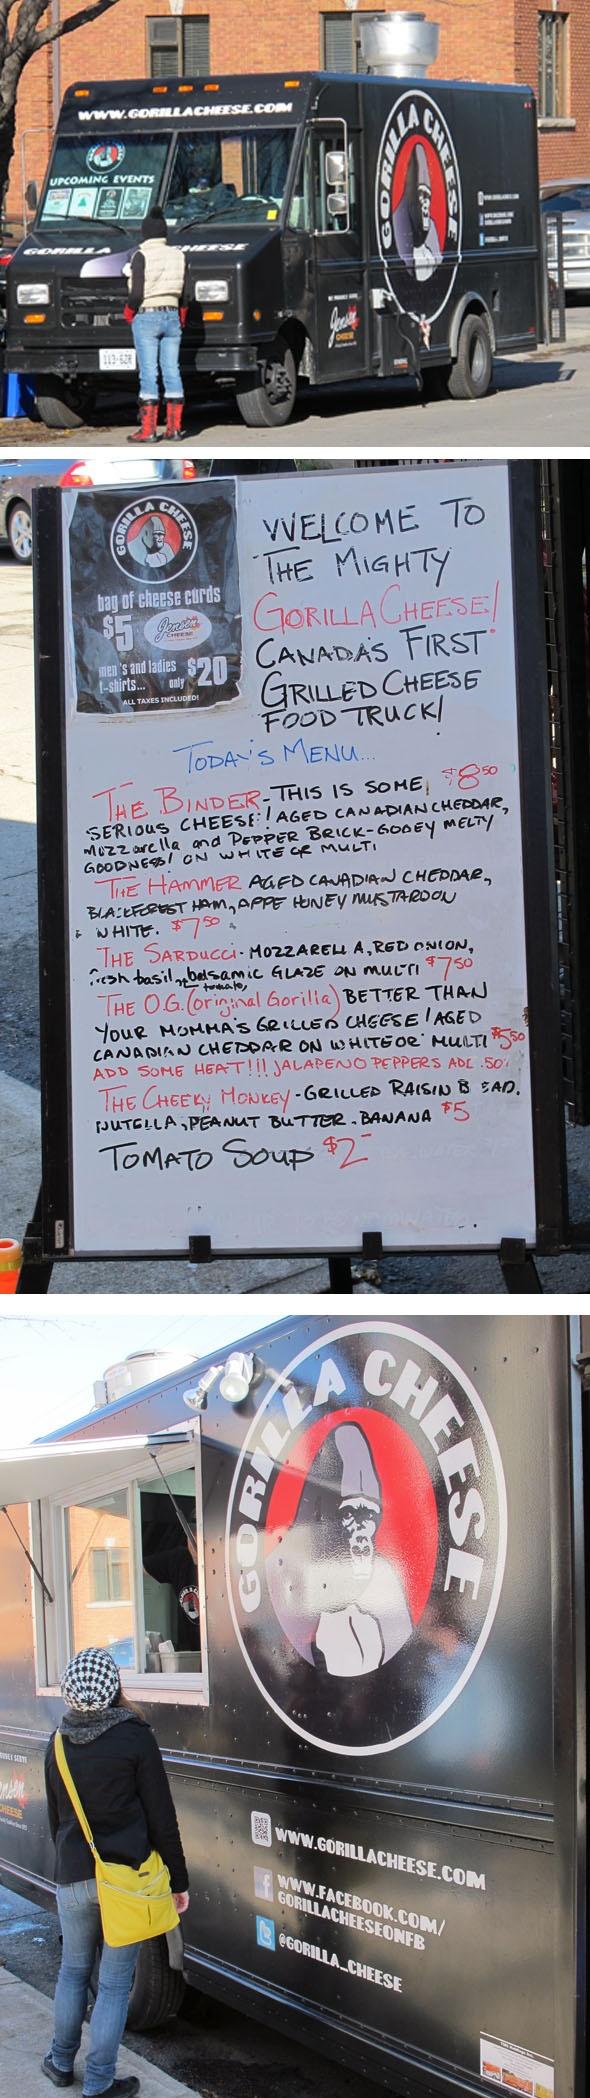 Gorilla cheese food truck #HamOnt